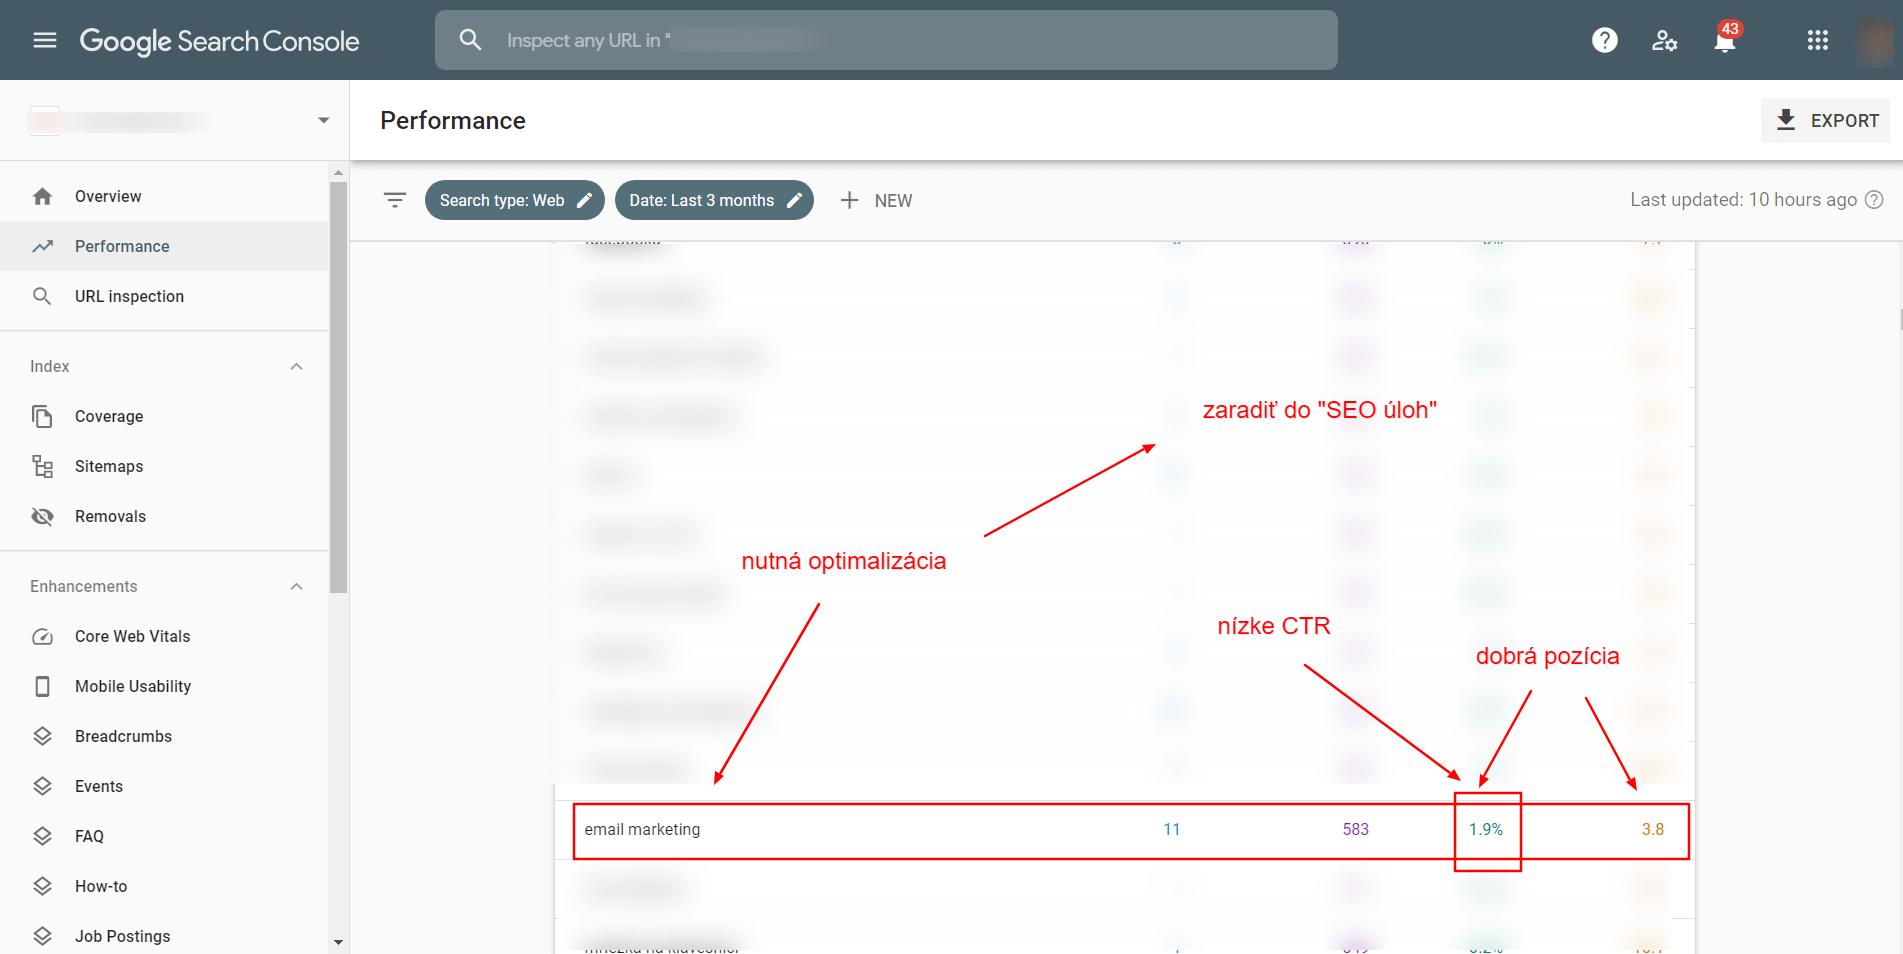 nízke CTR v google search console SEO